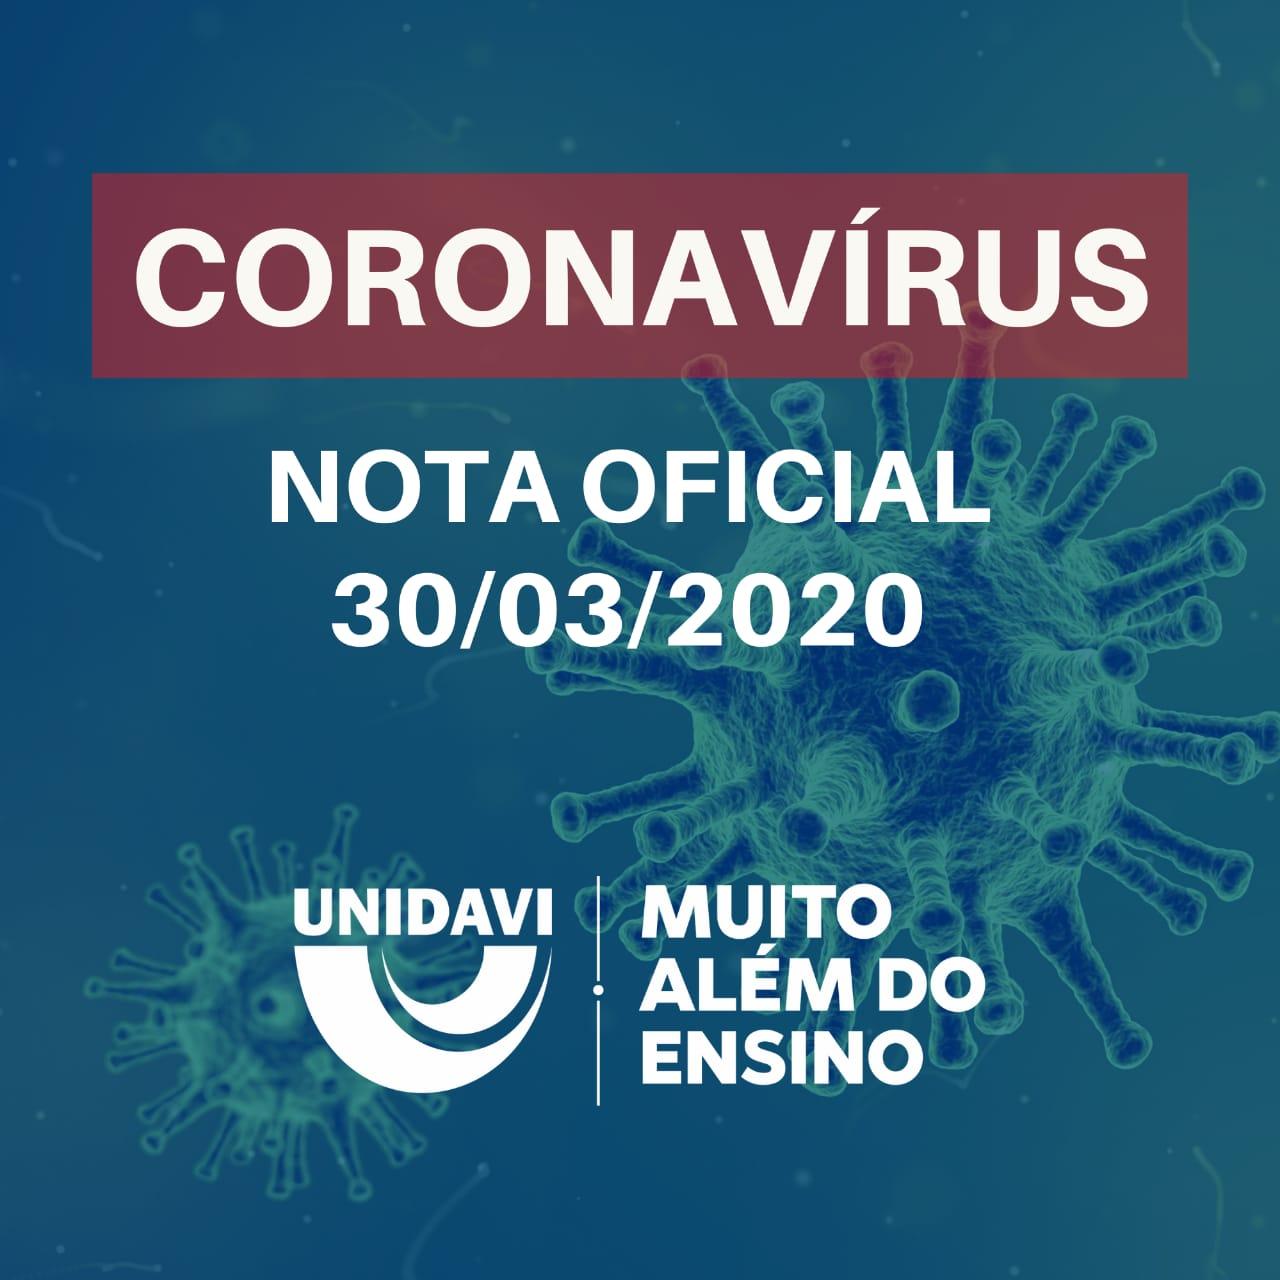 CORONAVÍRUS - NOTA OFICIAL 30.03.2020